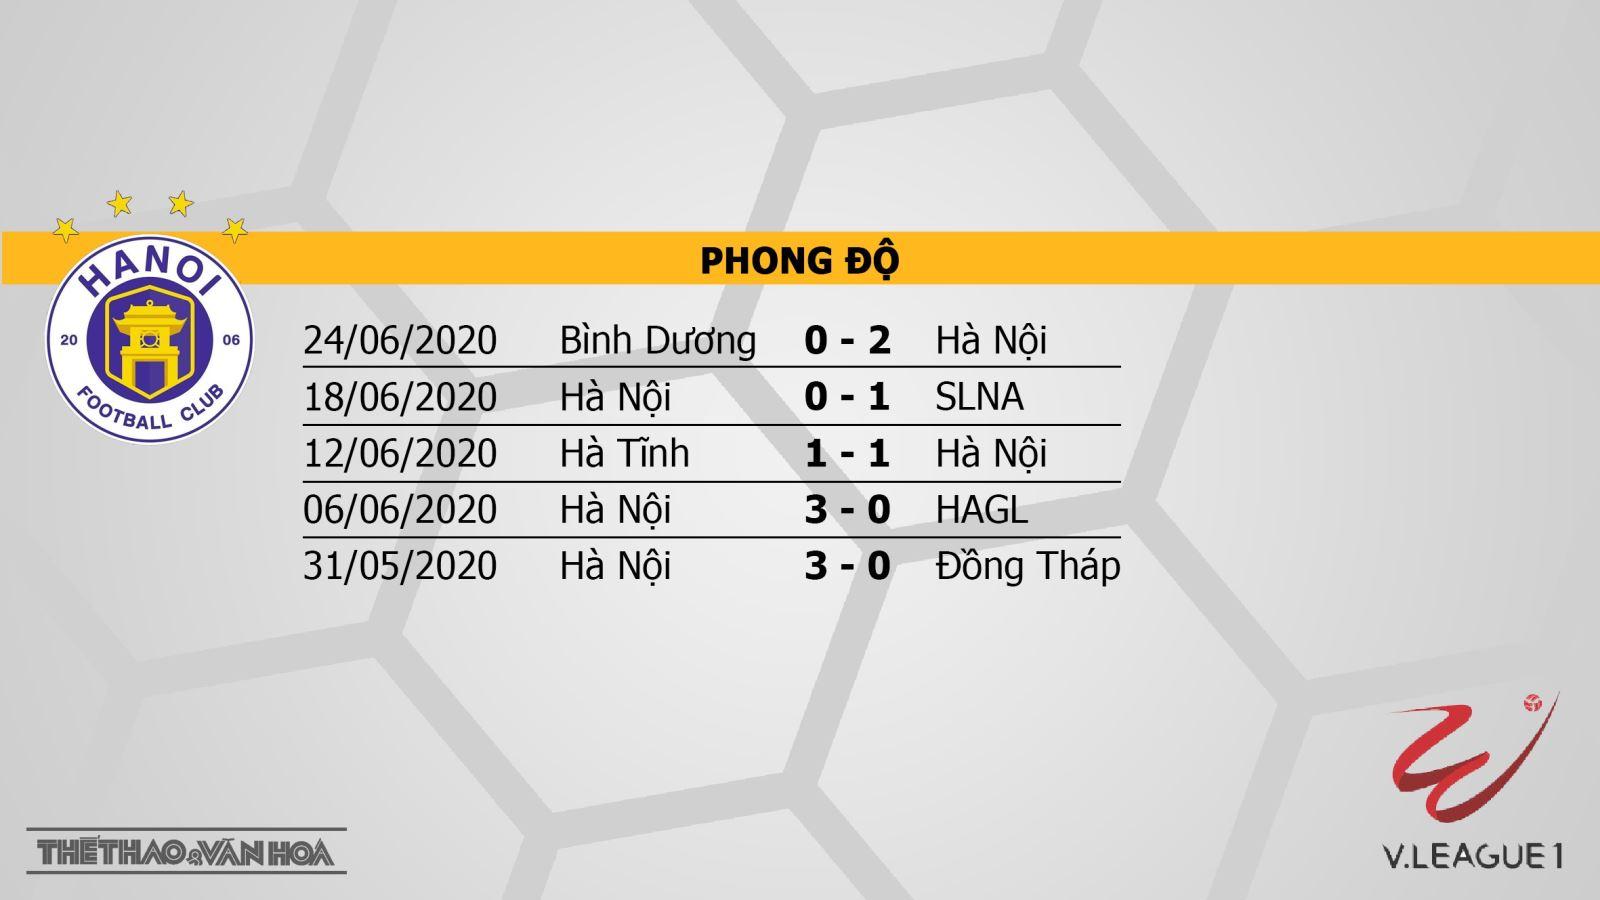 Hà Nội vsSài Gòn, Hà Nội, Sài Gòn, trực tiếp Hà Nội vsSài Gòn, trực tiếp bóng đá, kèo bóng đá, soi kèo, V-League